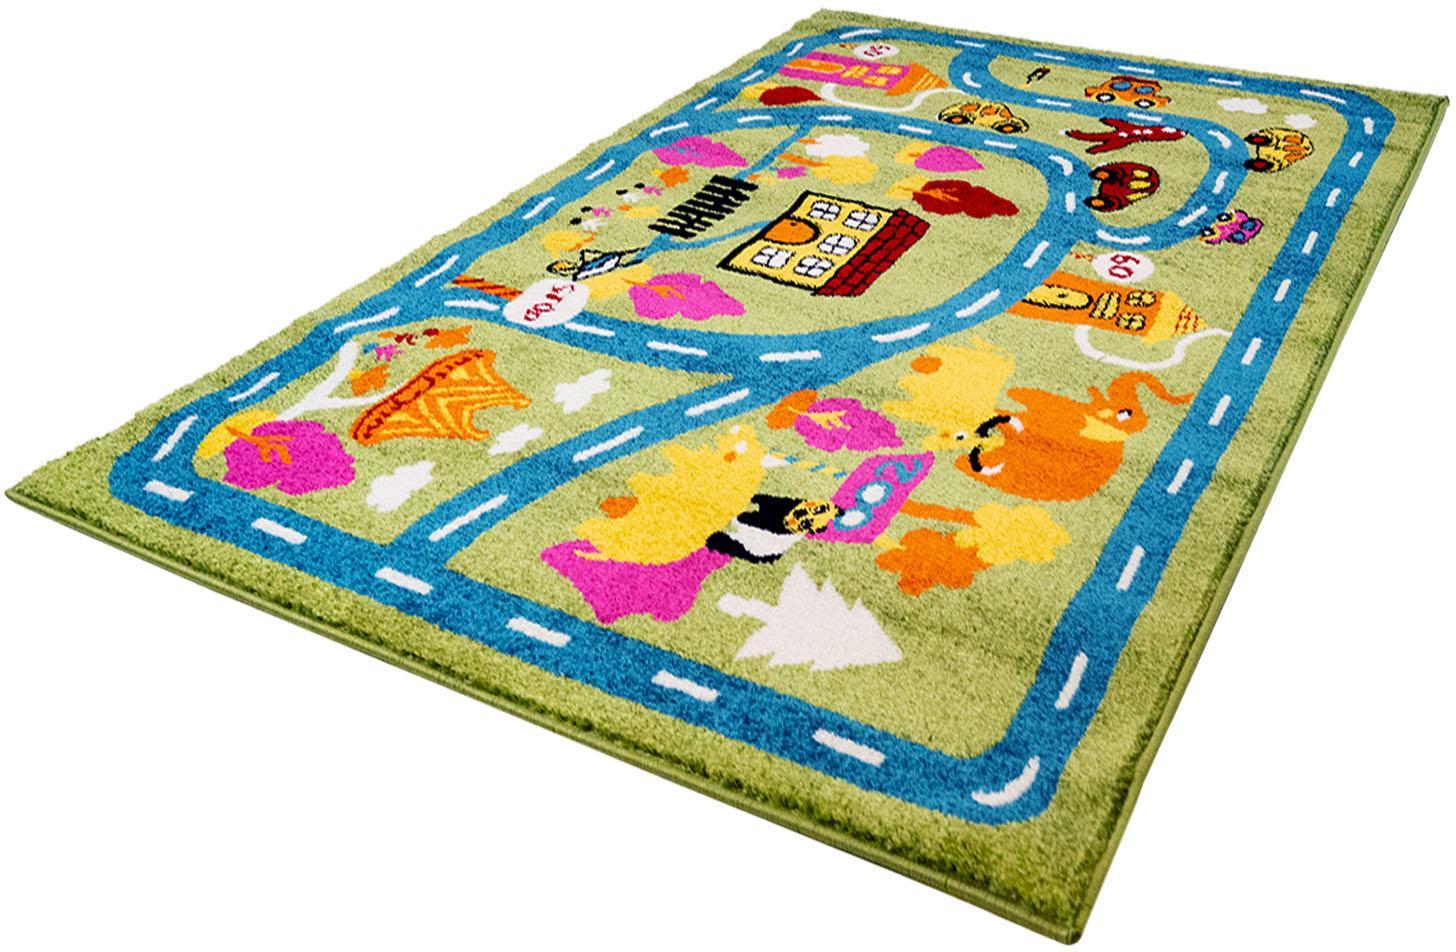 Kinderteppich Moda Kids 1512 Carpet City rechteckig Höhe 11 mm maschinell gewebt